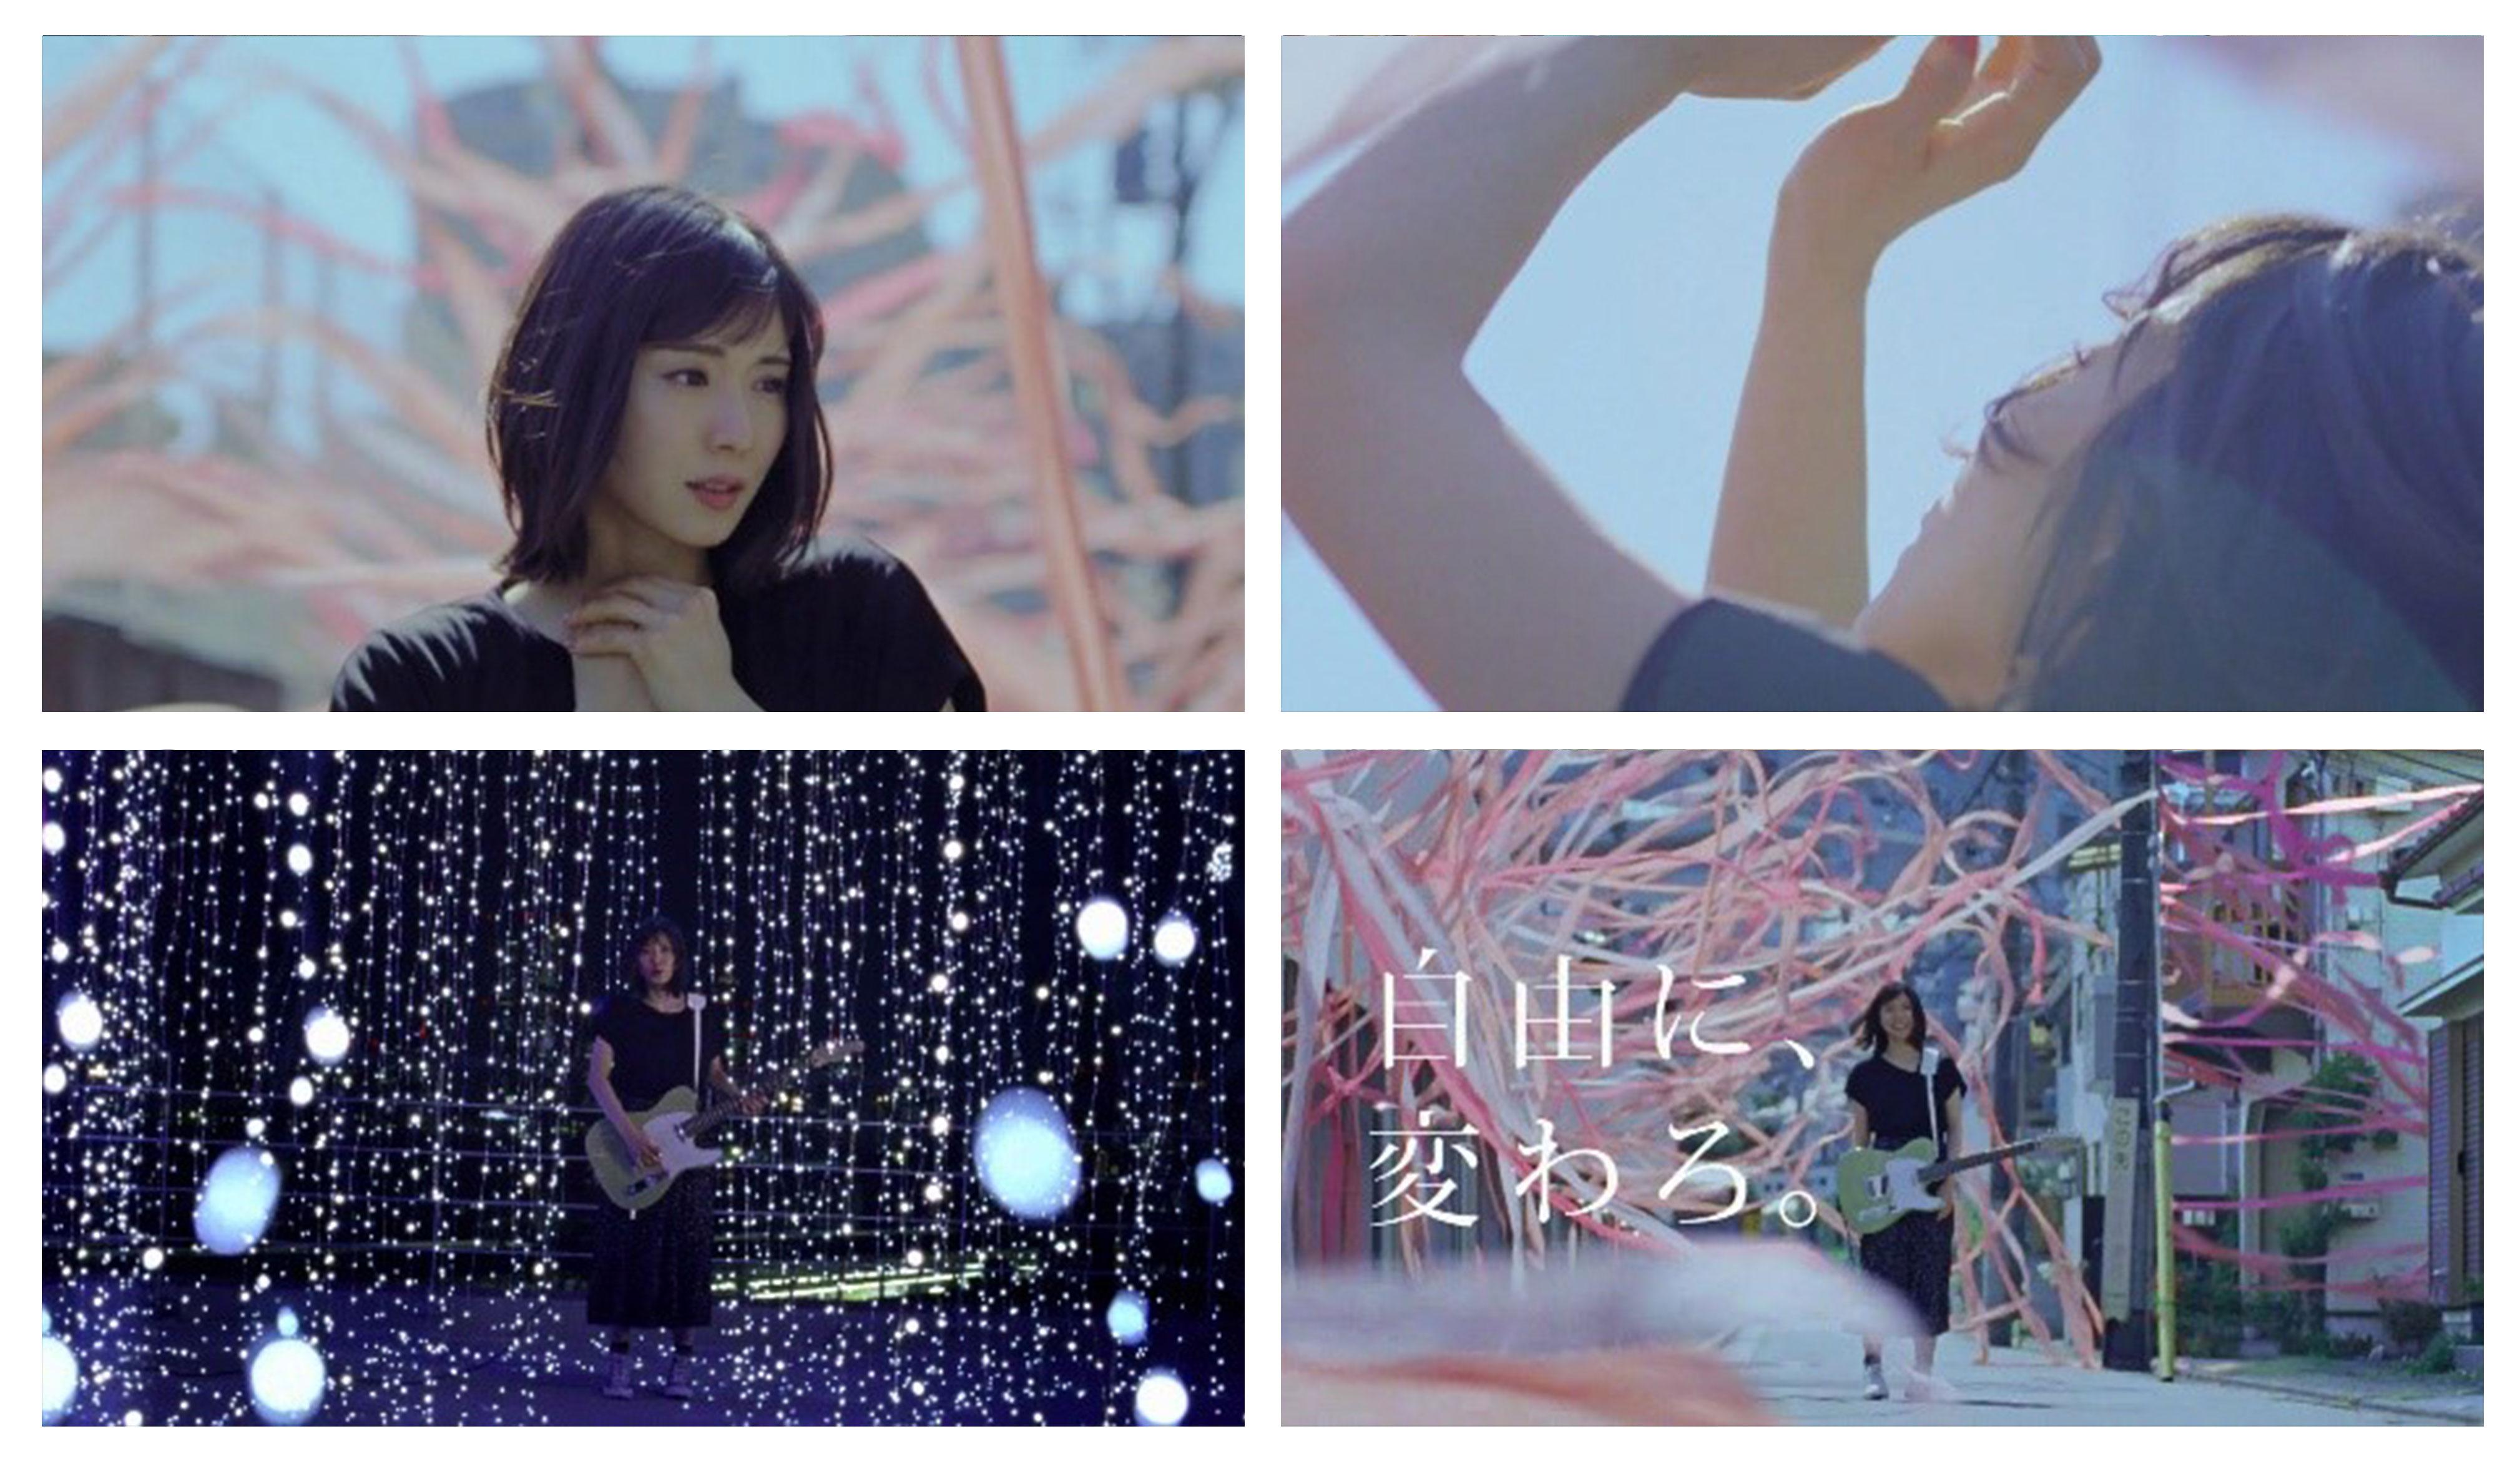 bbe5348d5e3c 「ROPE' PICNIC」豪華初コラボ…!松岡茉優をCharaがプロデュース! 描き下ろし楽曲「星屑コーリング」を弾き語るMV公開|株式会社ジュンの プレスリリース